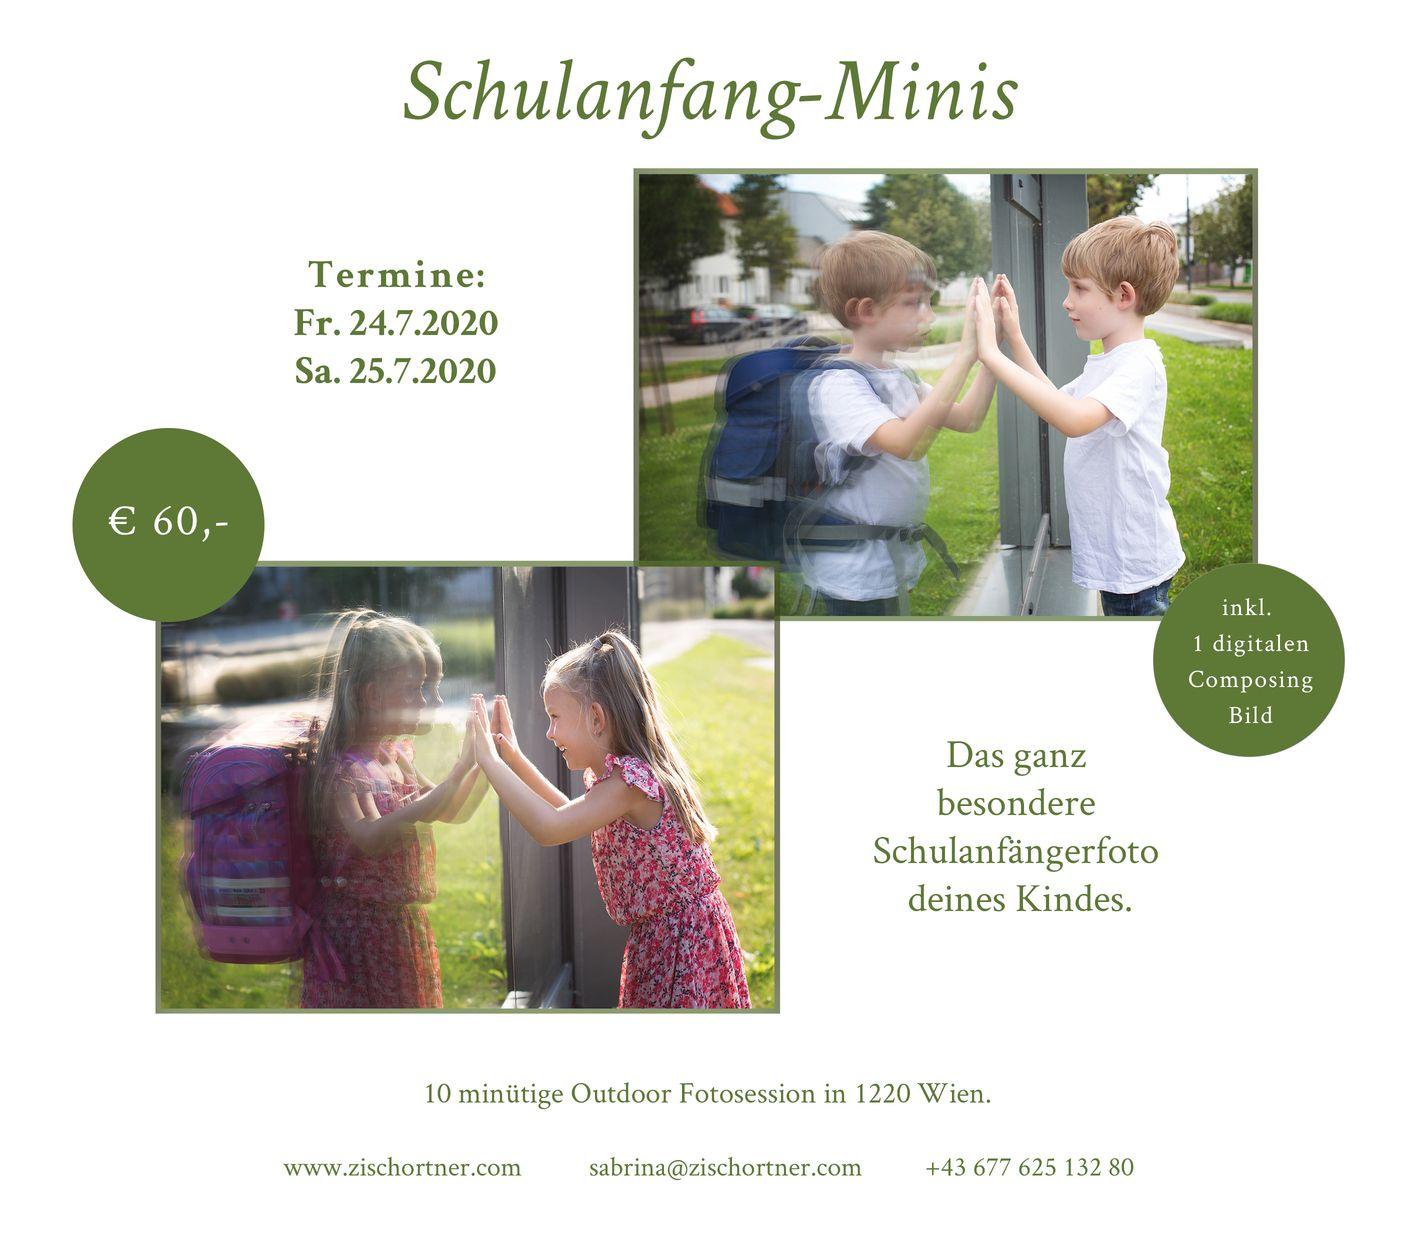 Schulanfang Minisession mit Schultasche fuer Vorschulkinder von Sabrina Zisch-Ortner